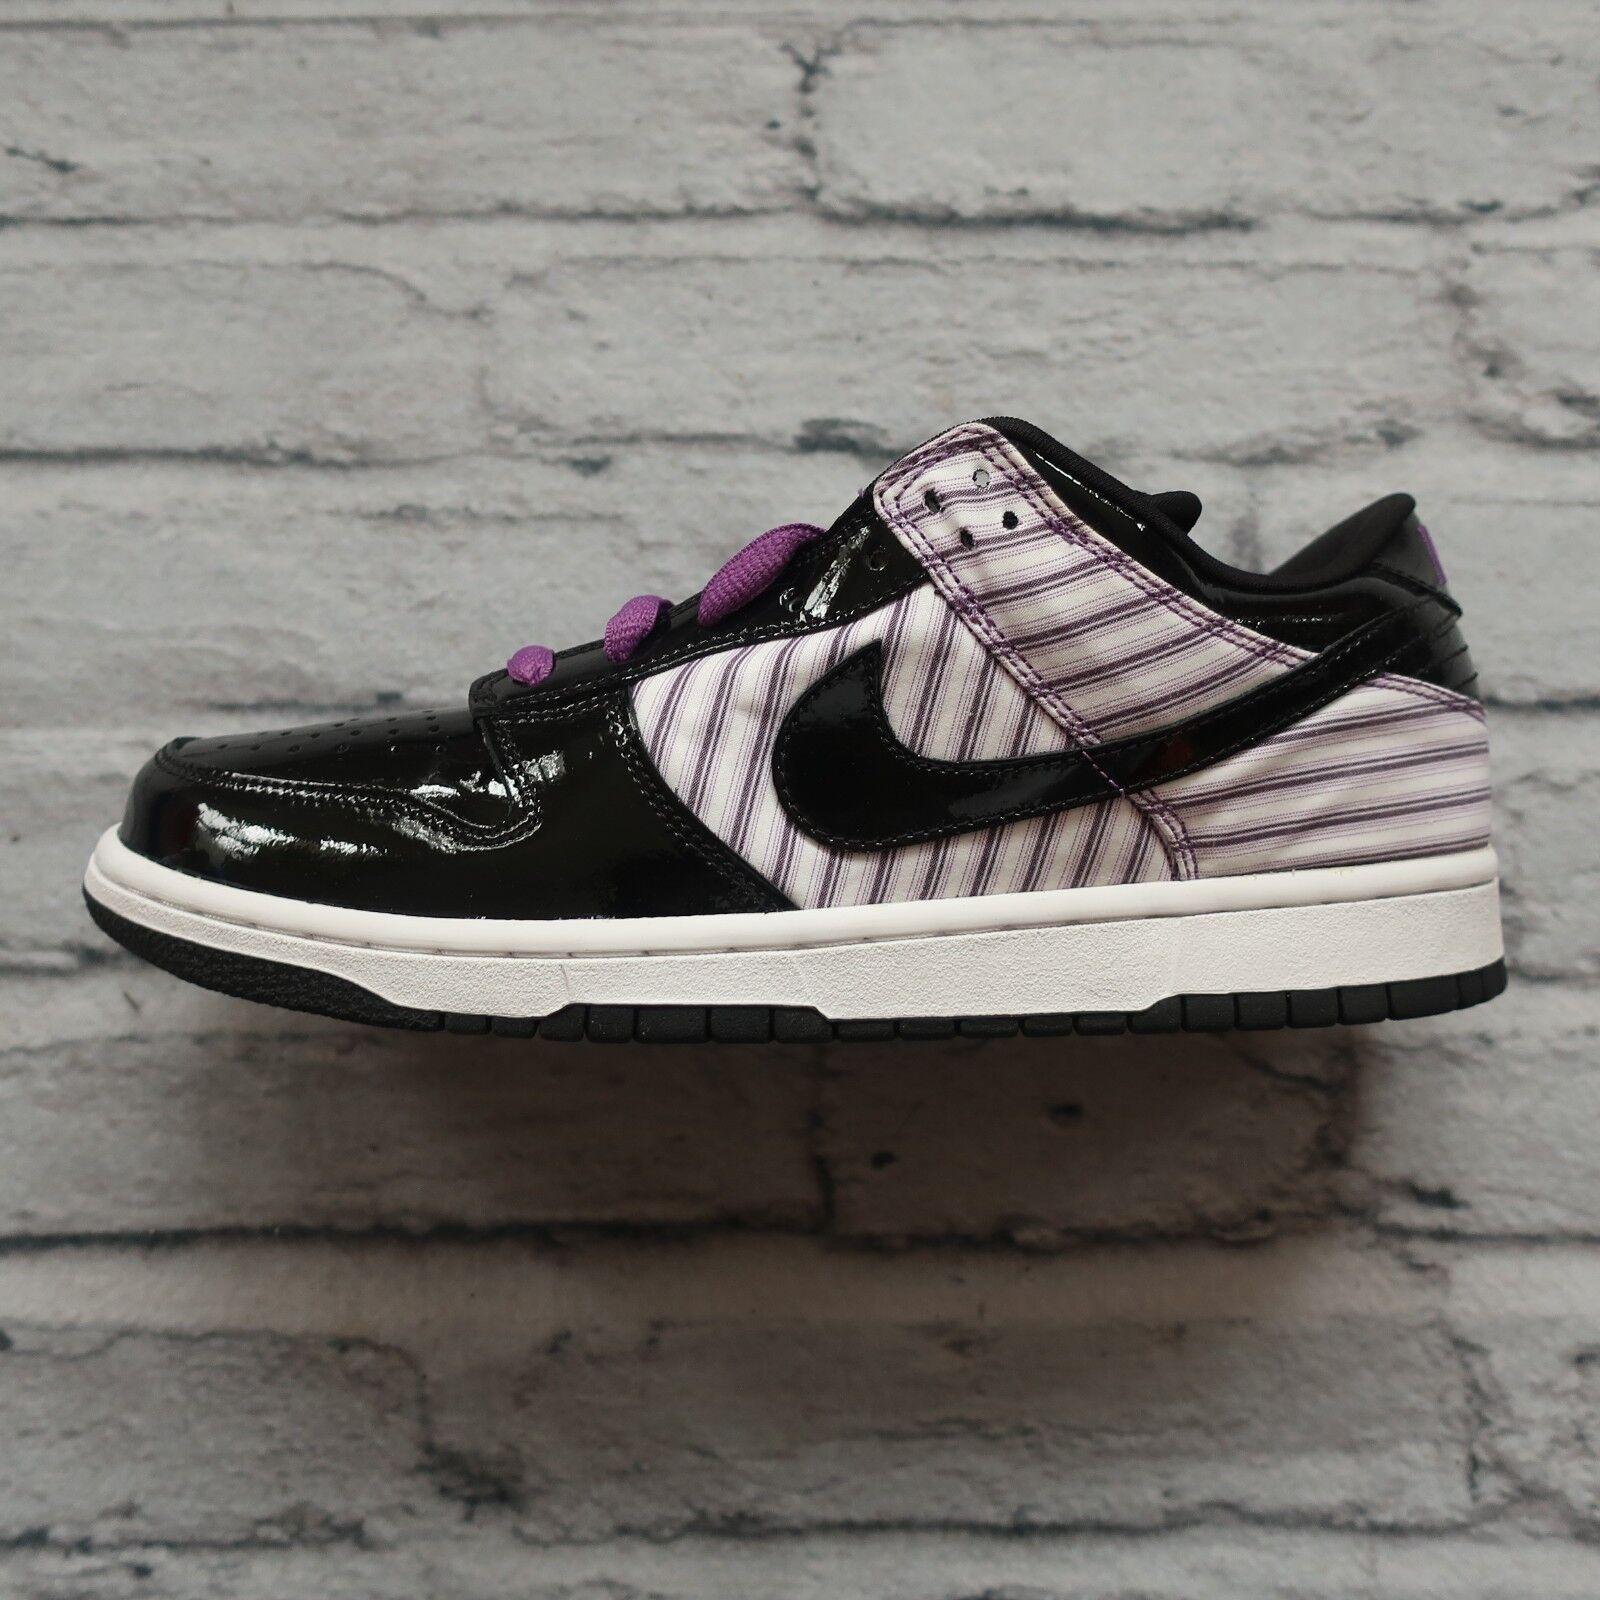 2005 Nike Dunk Low Pro SB PL 312710-101 Size 10 Vtg